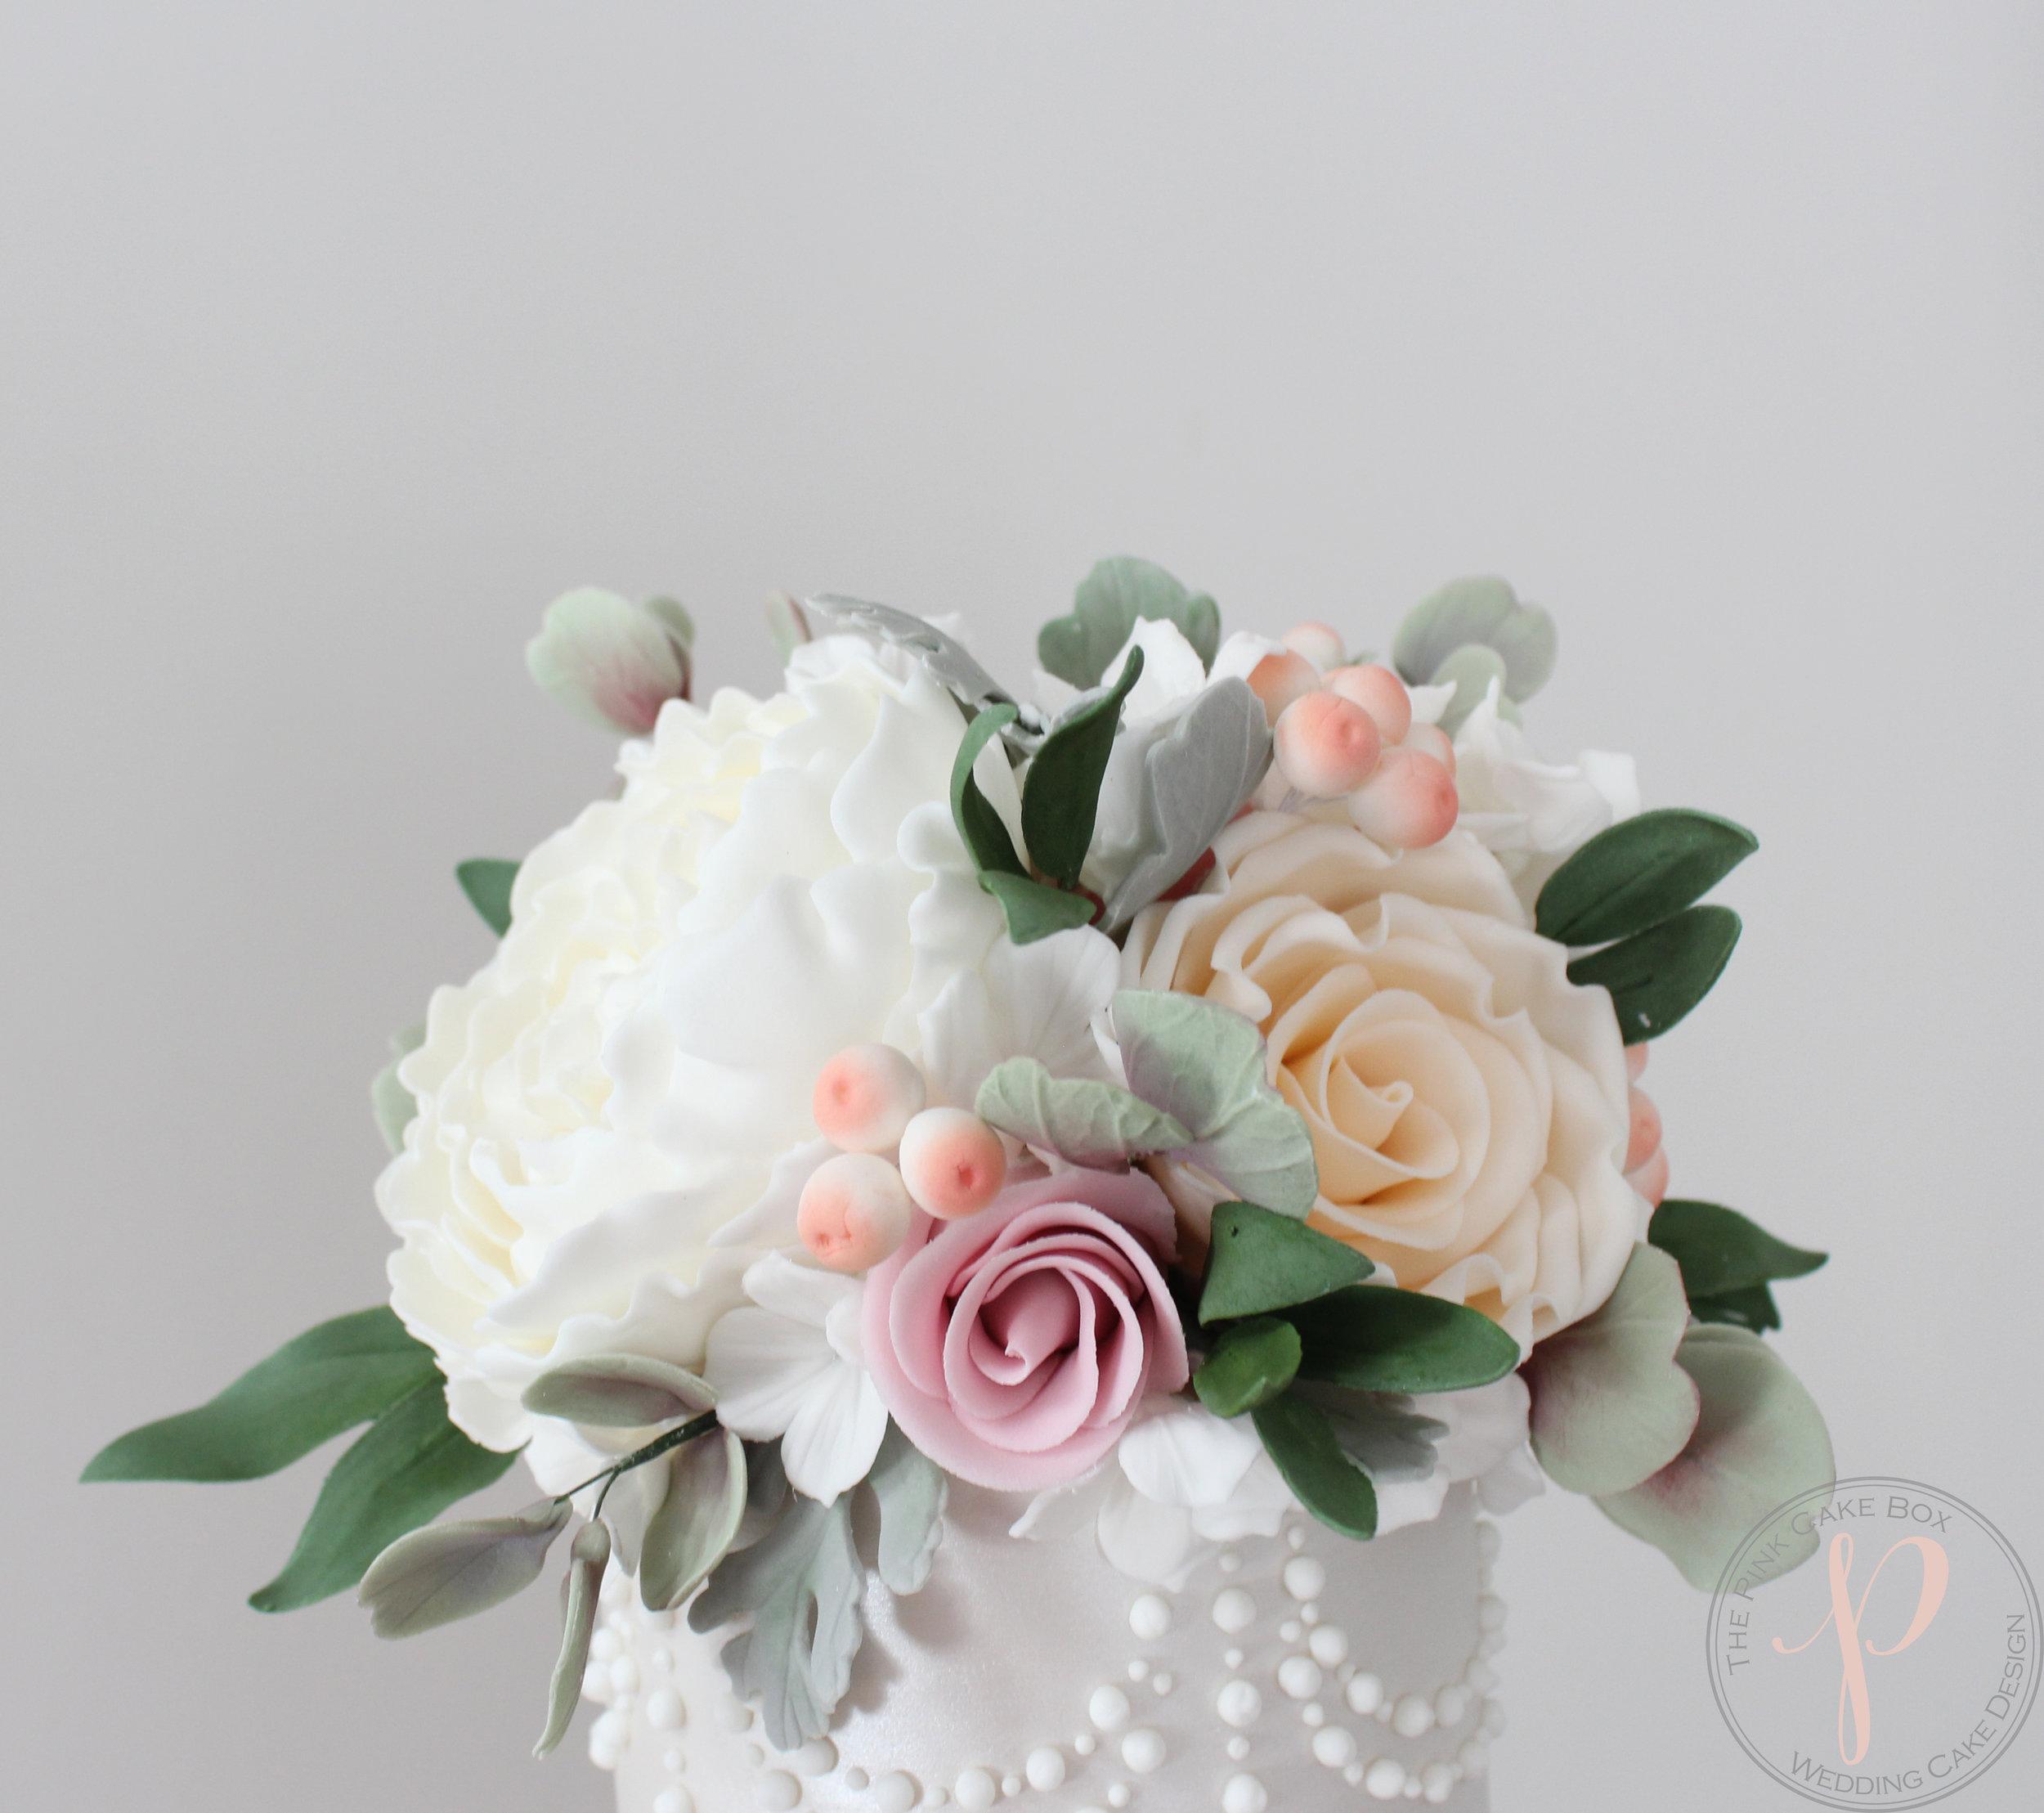 sugar flowers peach dusky pink ivory roses peonies.jpg